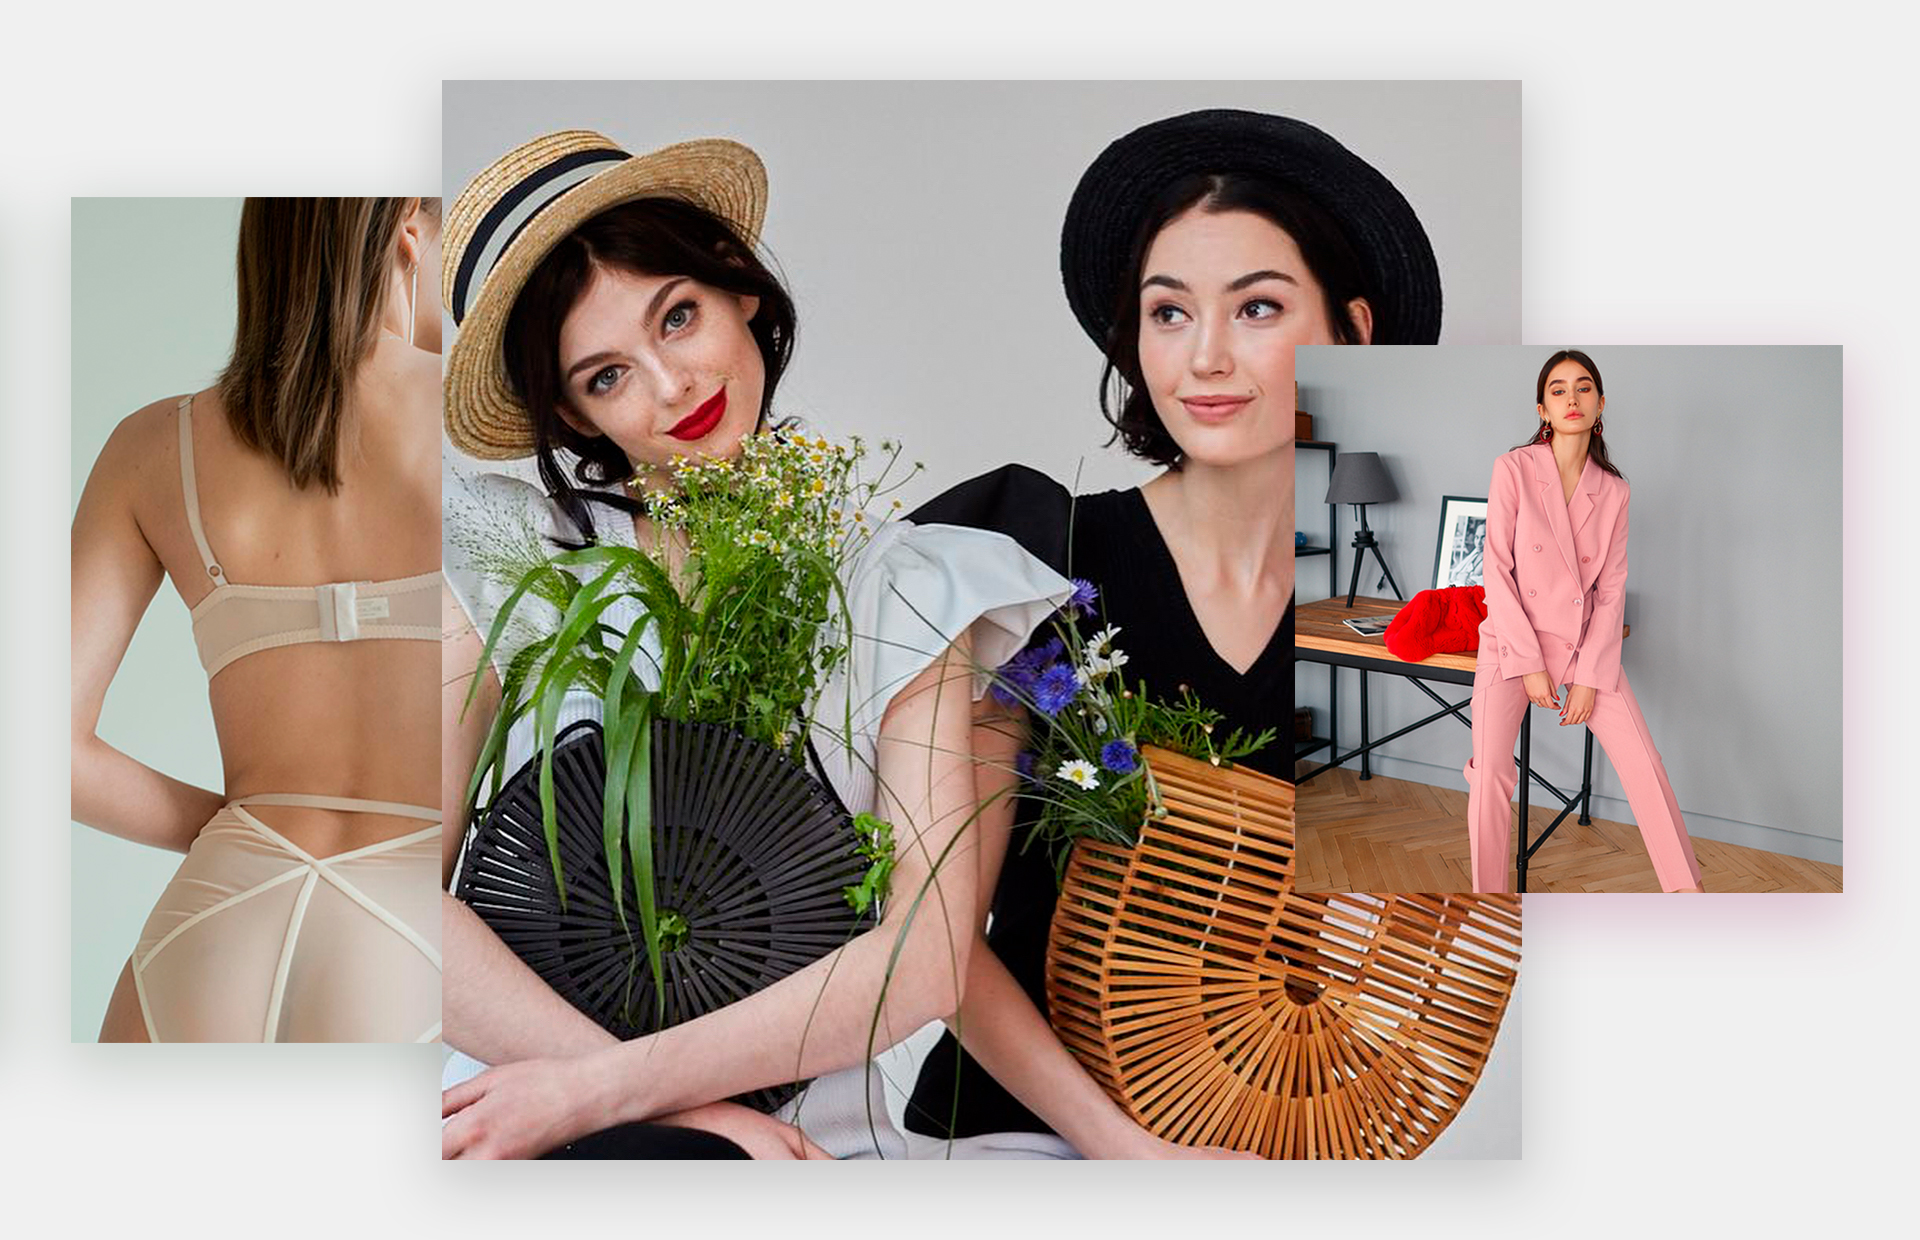 Полный гид по Instagram-шопингу  50 магазинов с лучшими предложениями     Мода    РБК Pink c3625251c8a